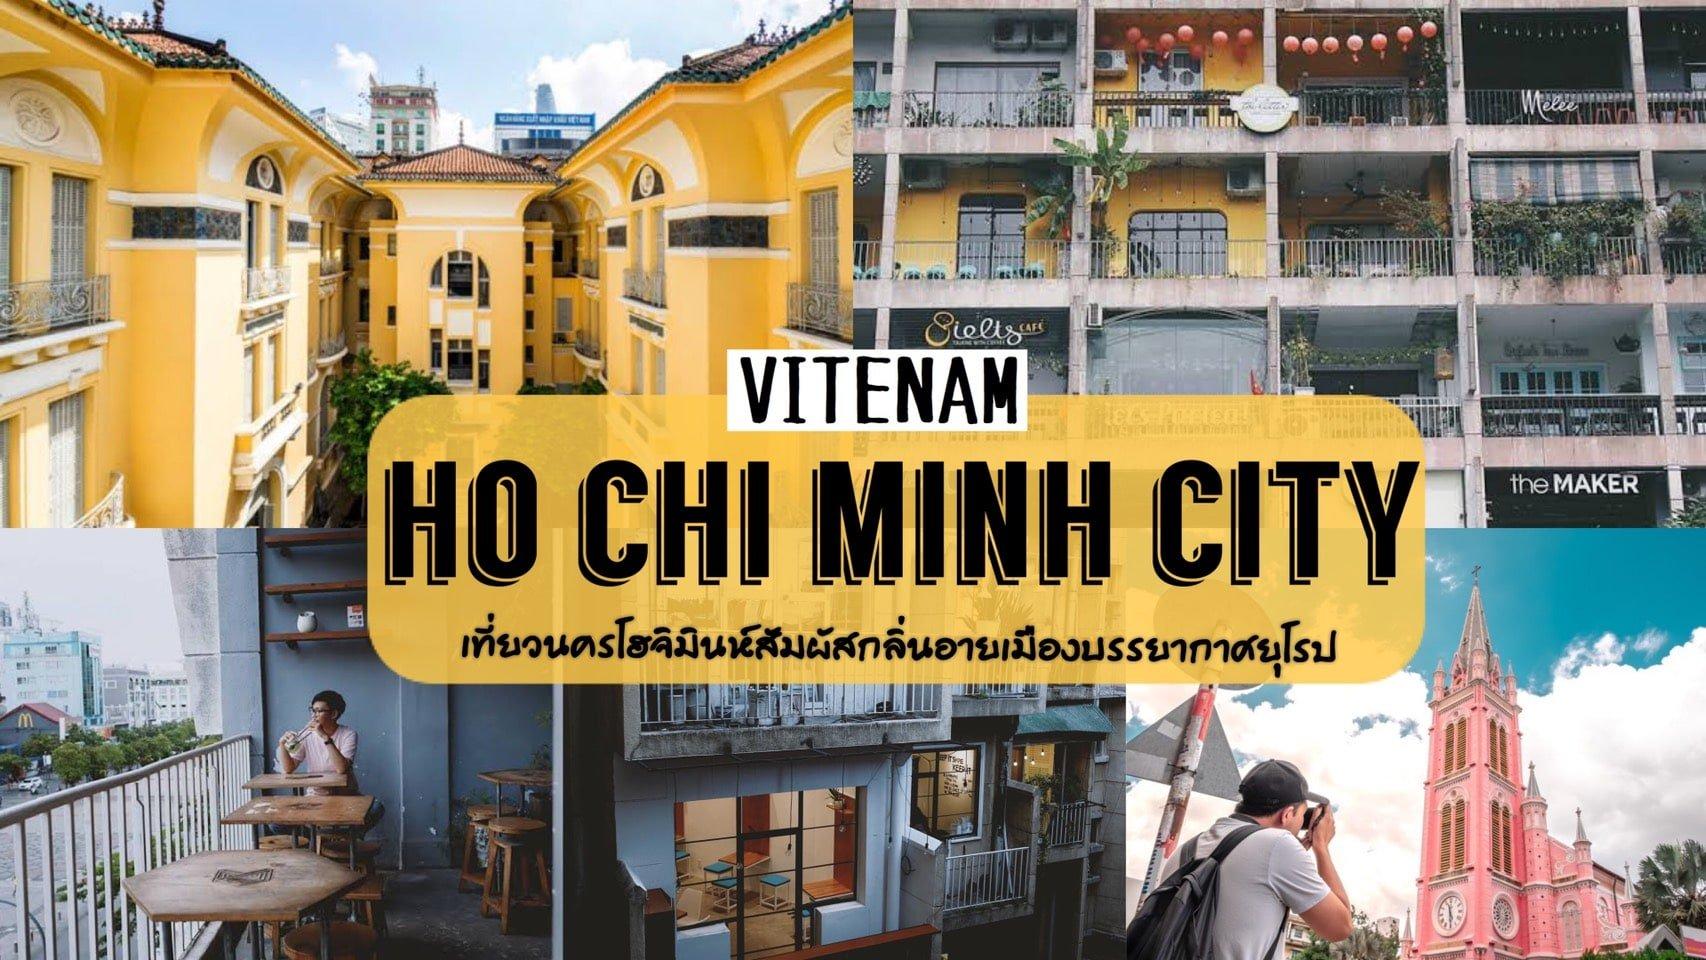 ทัวร์เวียดนาม – เช็คอินที่เที่ยวนครโฮจิมินห์ สัมผัสกลิ่นอายเมืองบรรยากาศยุโรป